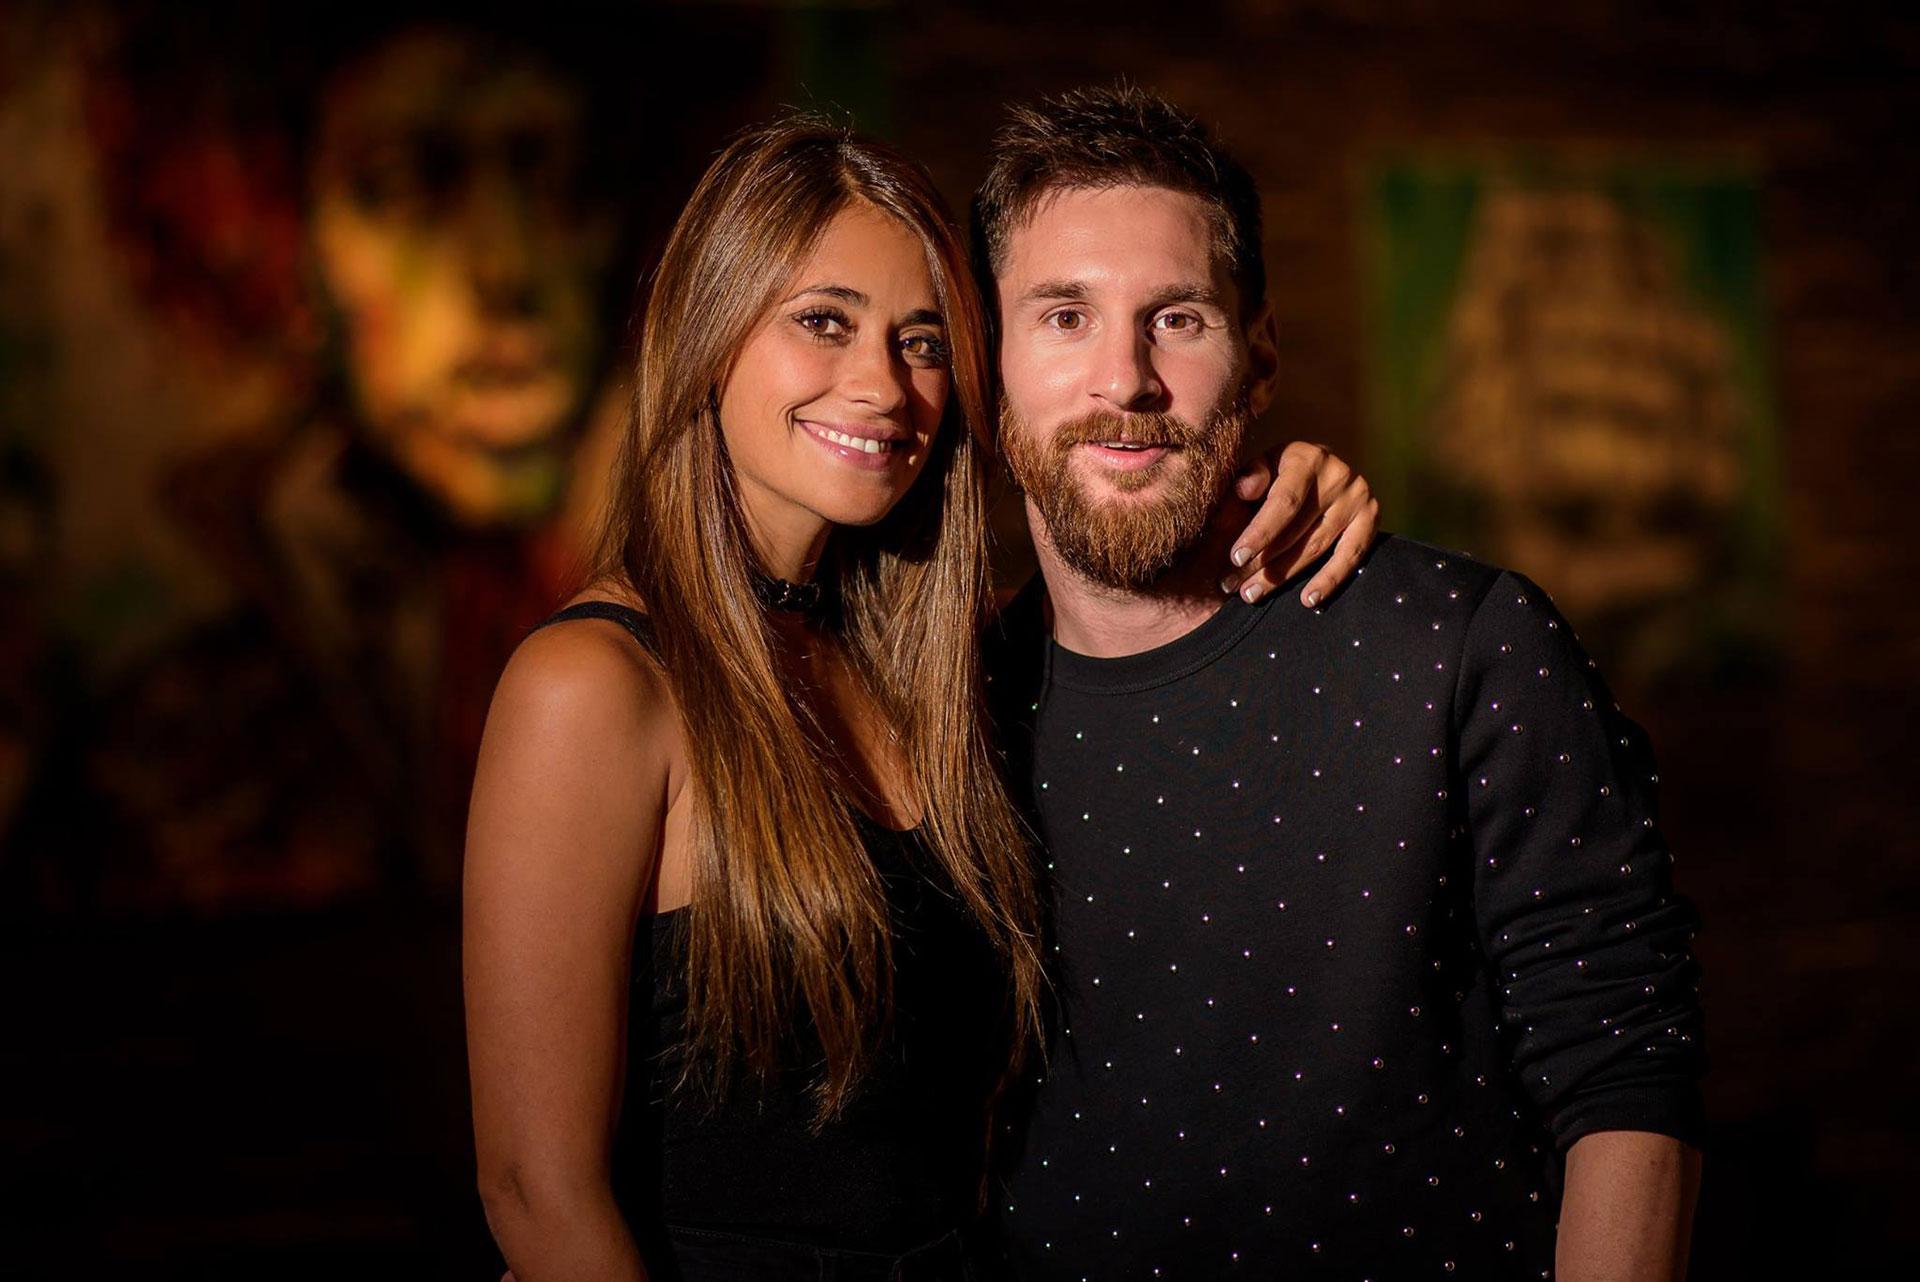 La última foto de Lionel Messi y Antonela Rozzucco como novios, compartida por las cuentas oficiales del jugador